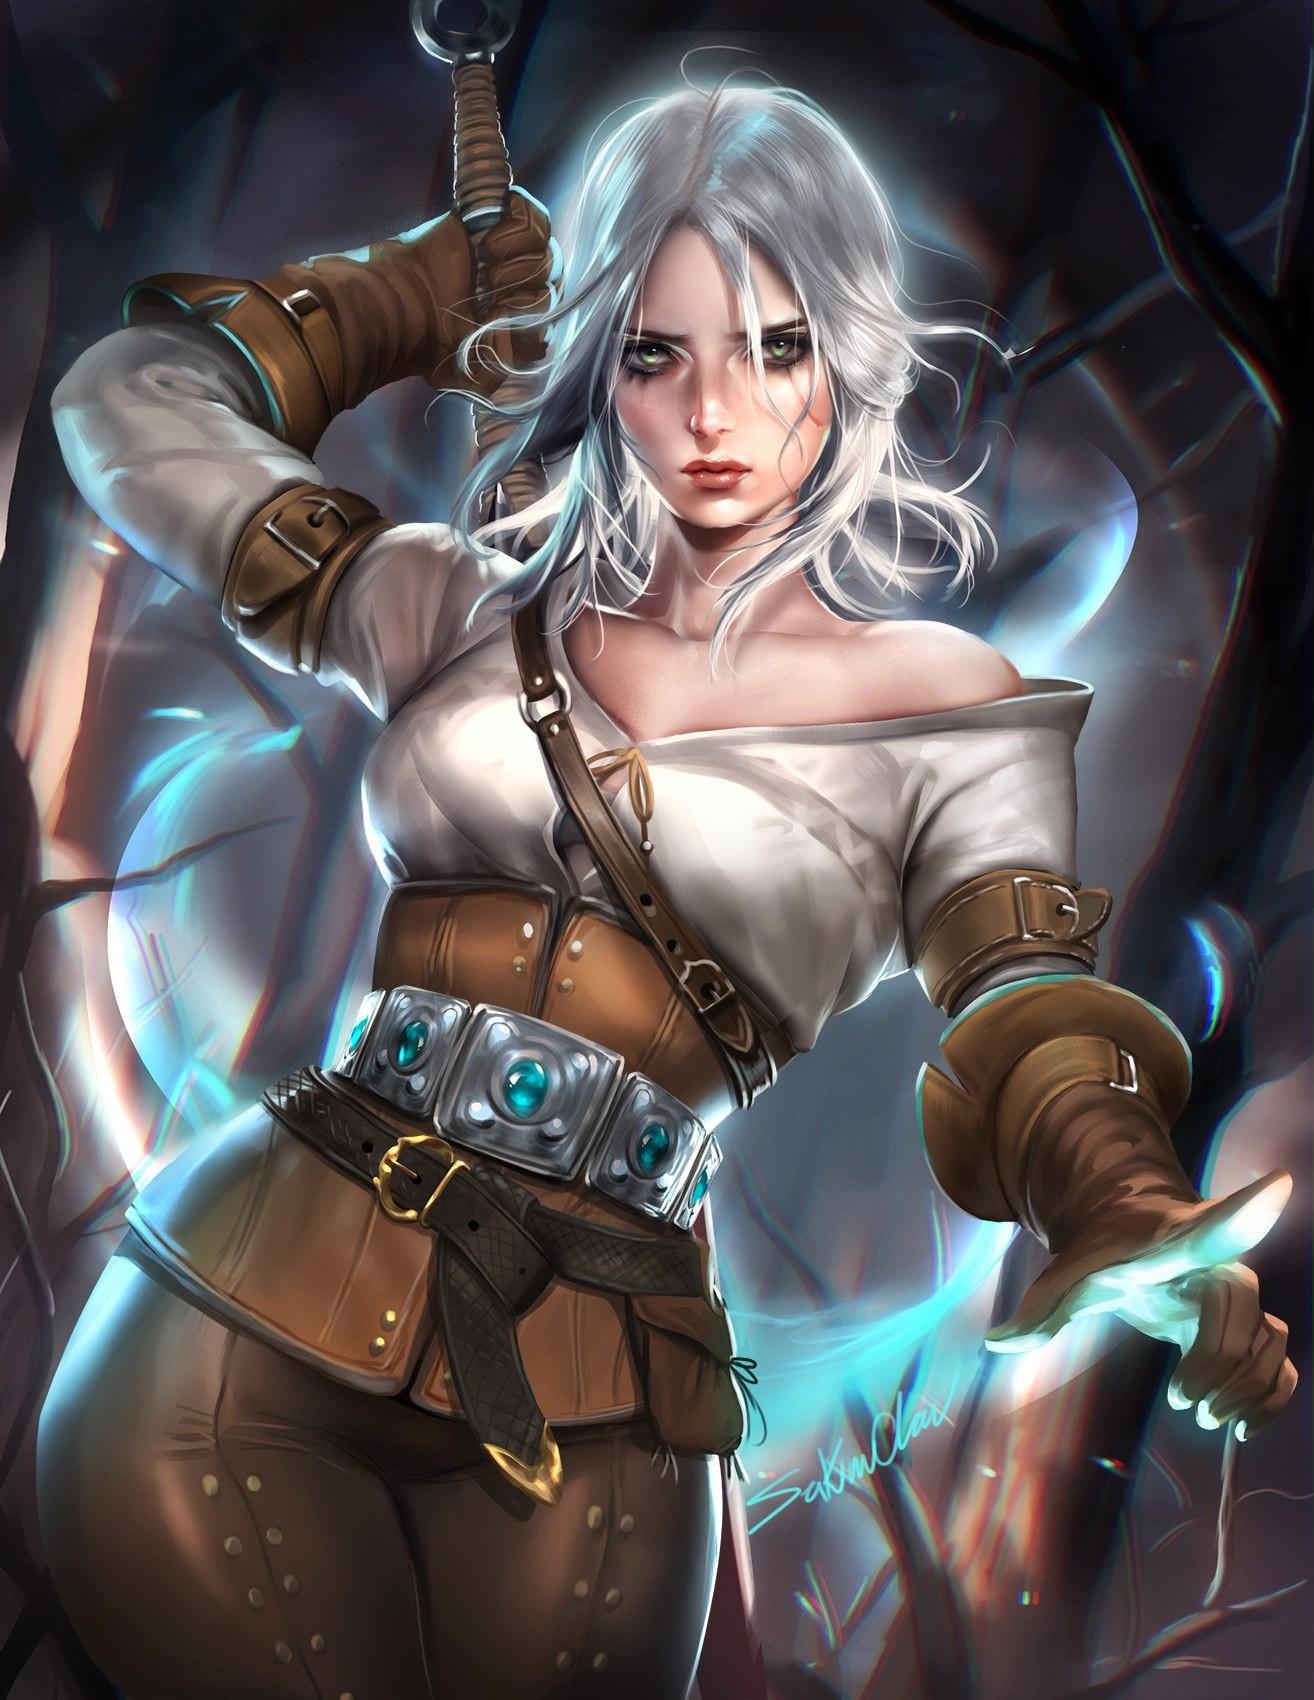 Wallpaper : video games, fantasy girl, anime, sword, Cirilla Fiona ...